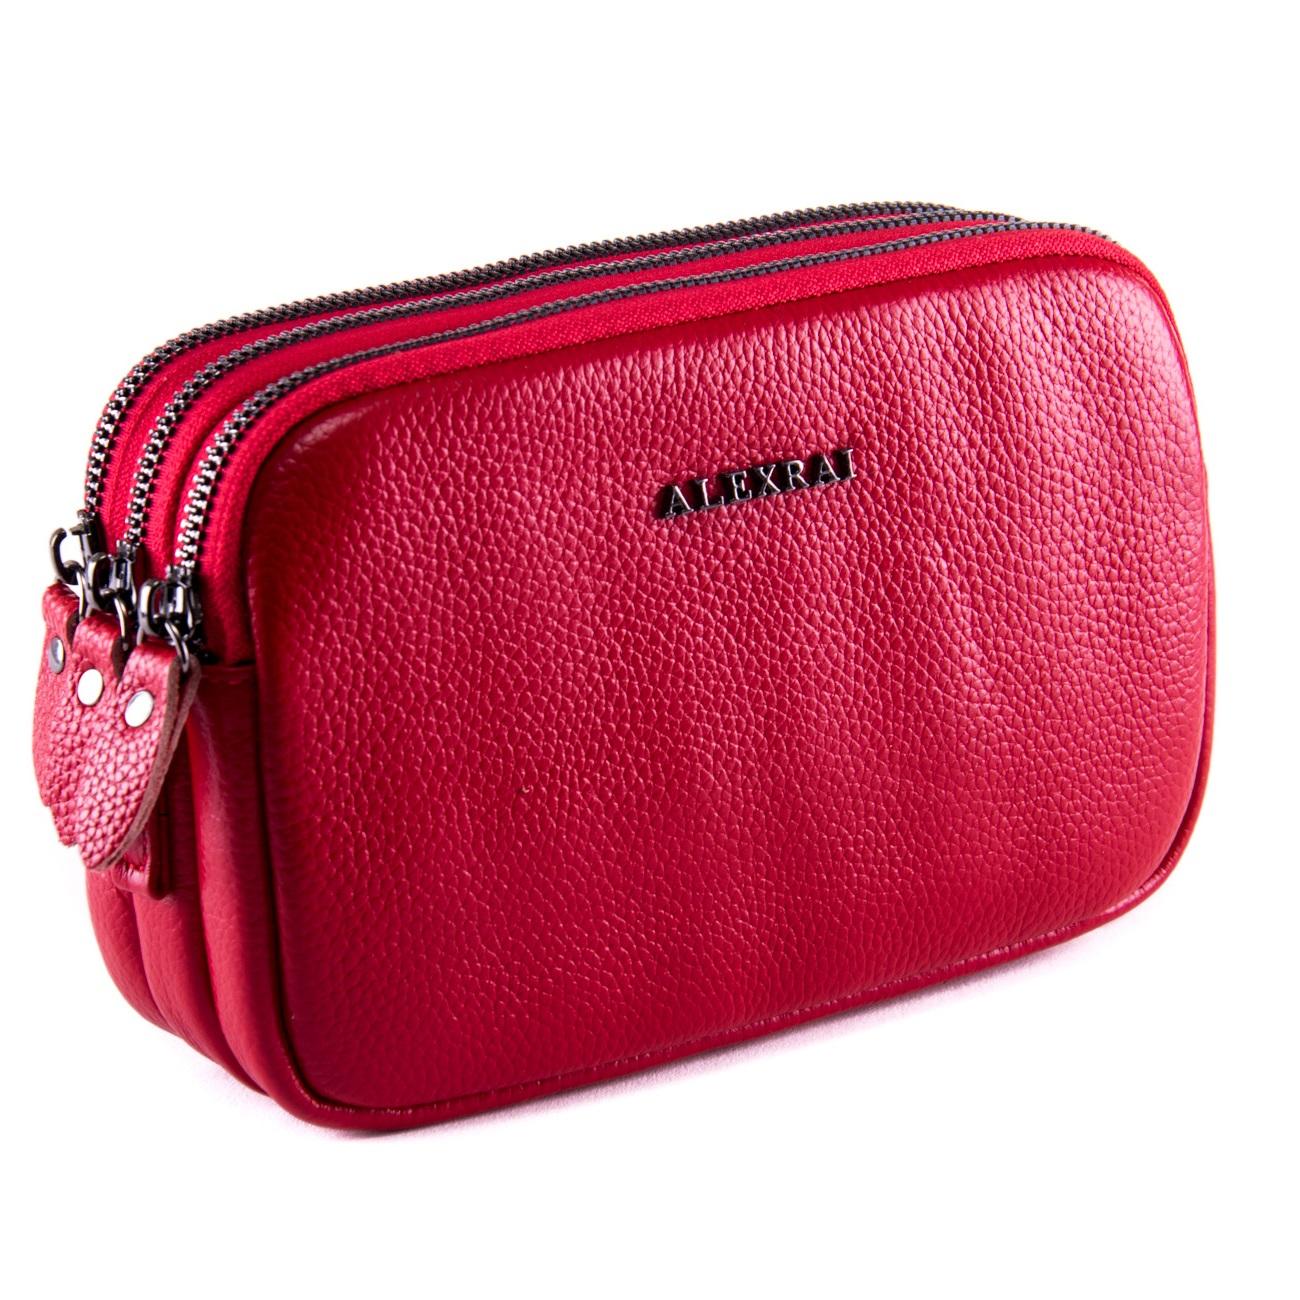 Сумка Женская Клатч кожа ALEX RAI 1-02 60061-8 red